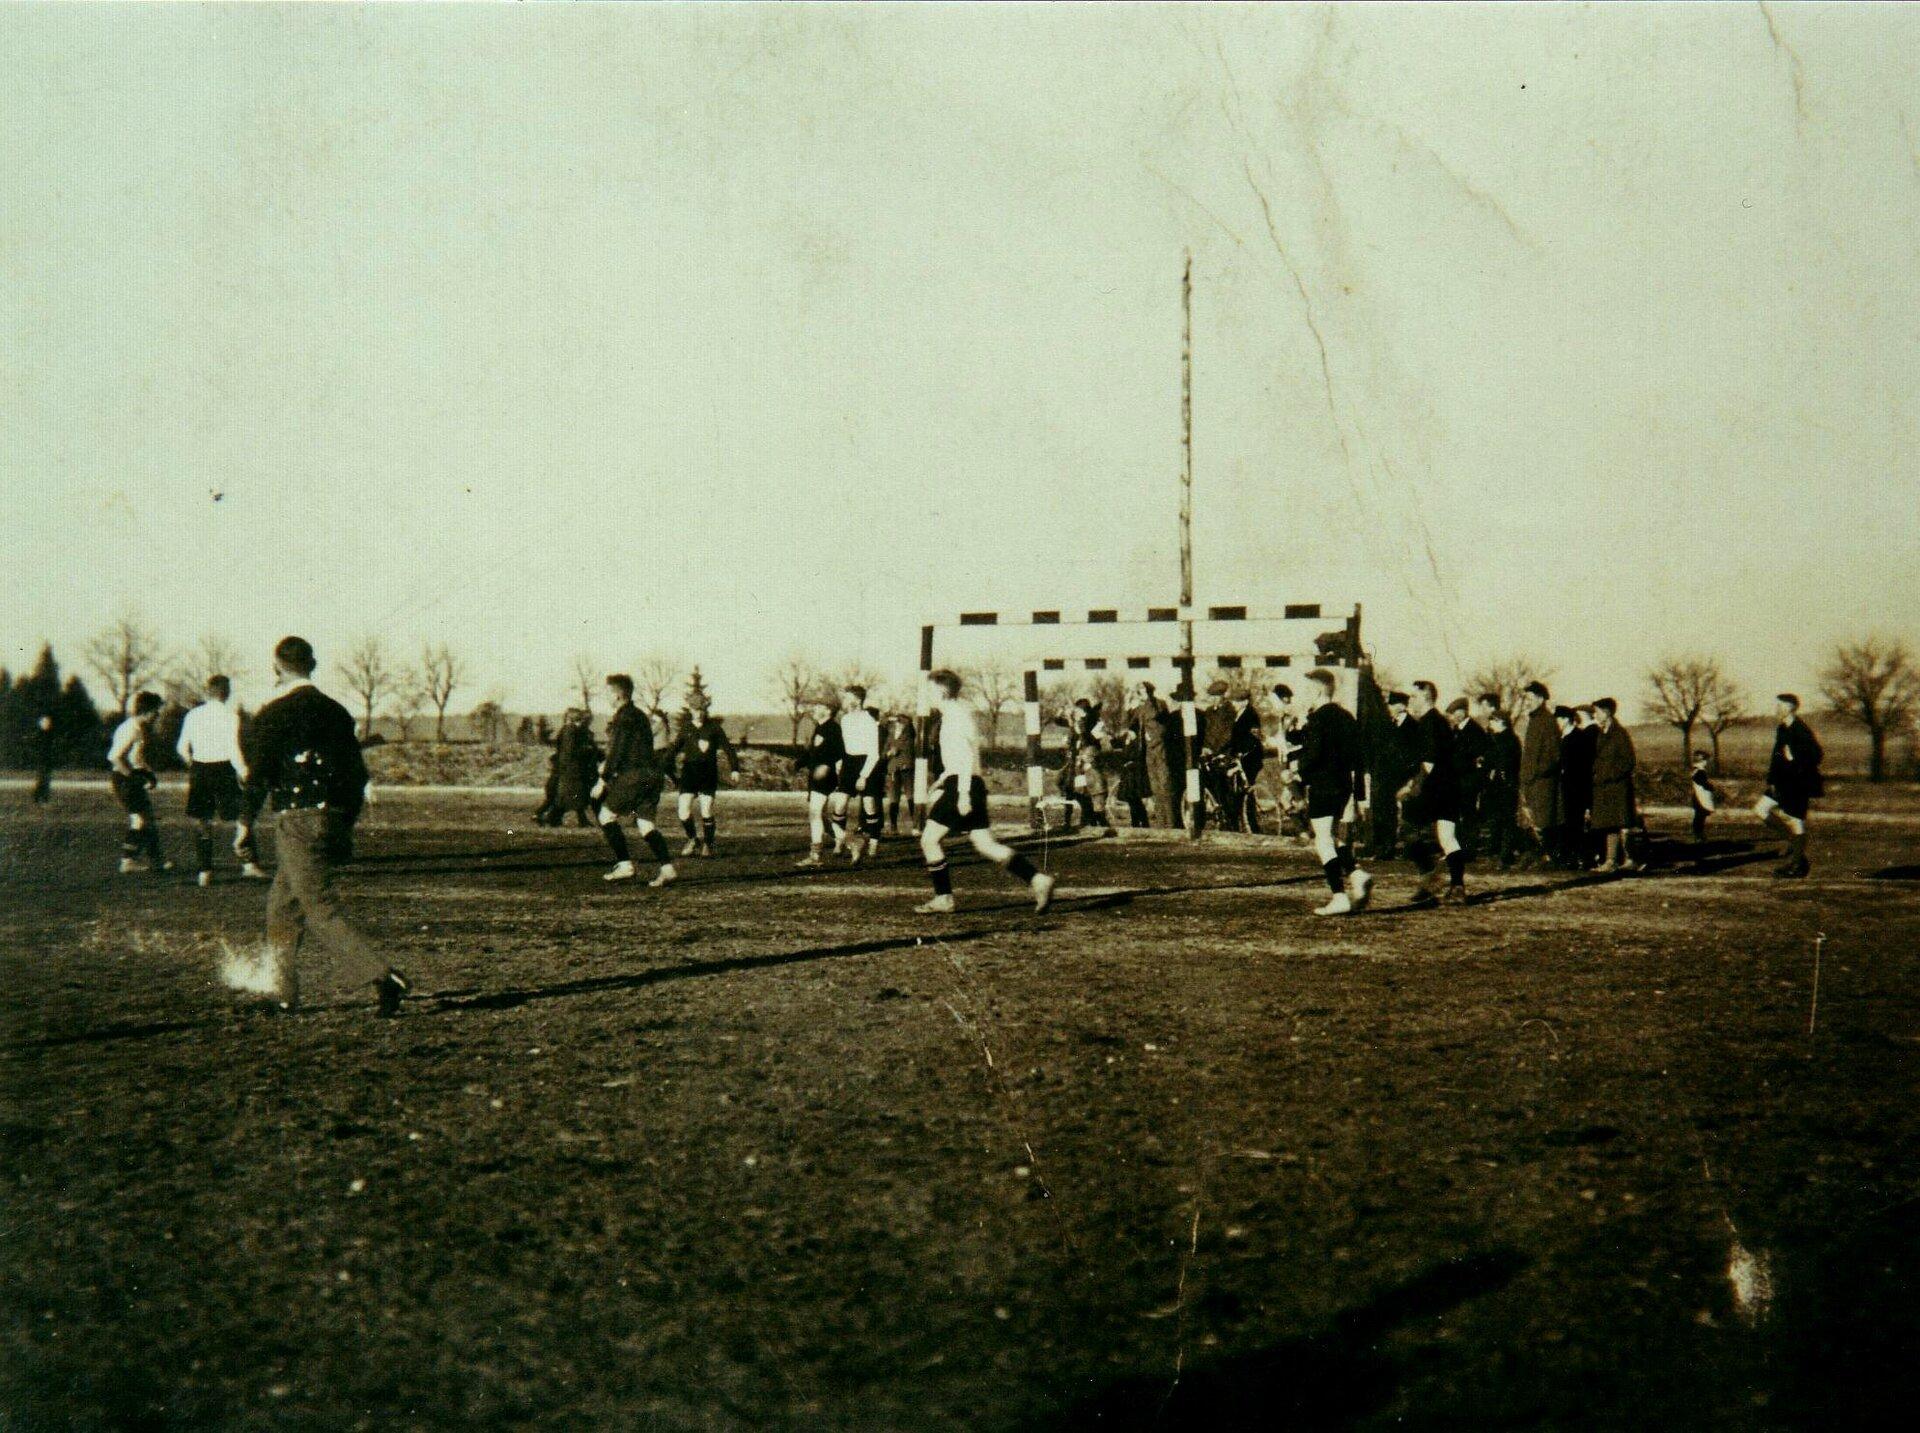 1929 - Fußballspiel, heute Standort der Grundschule